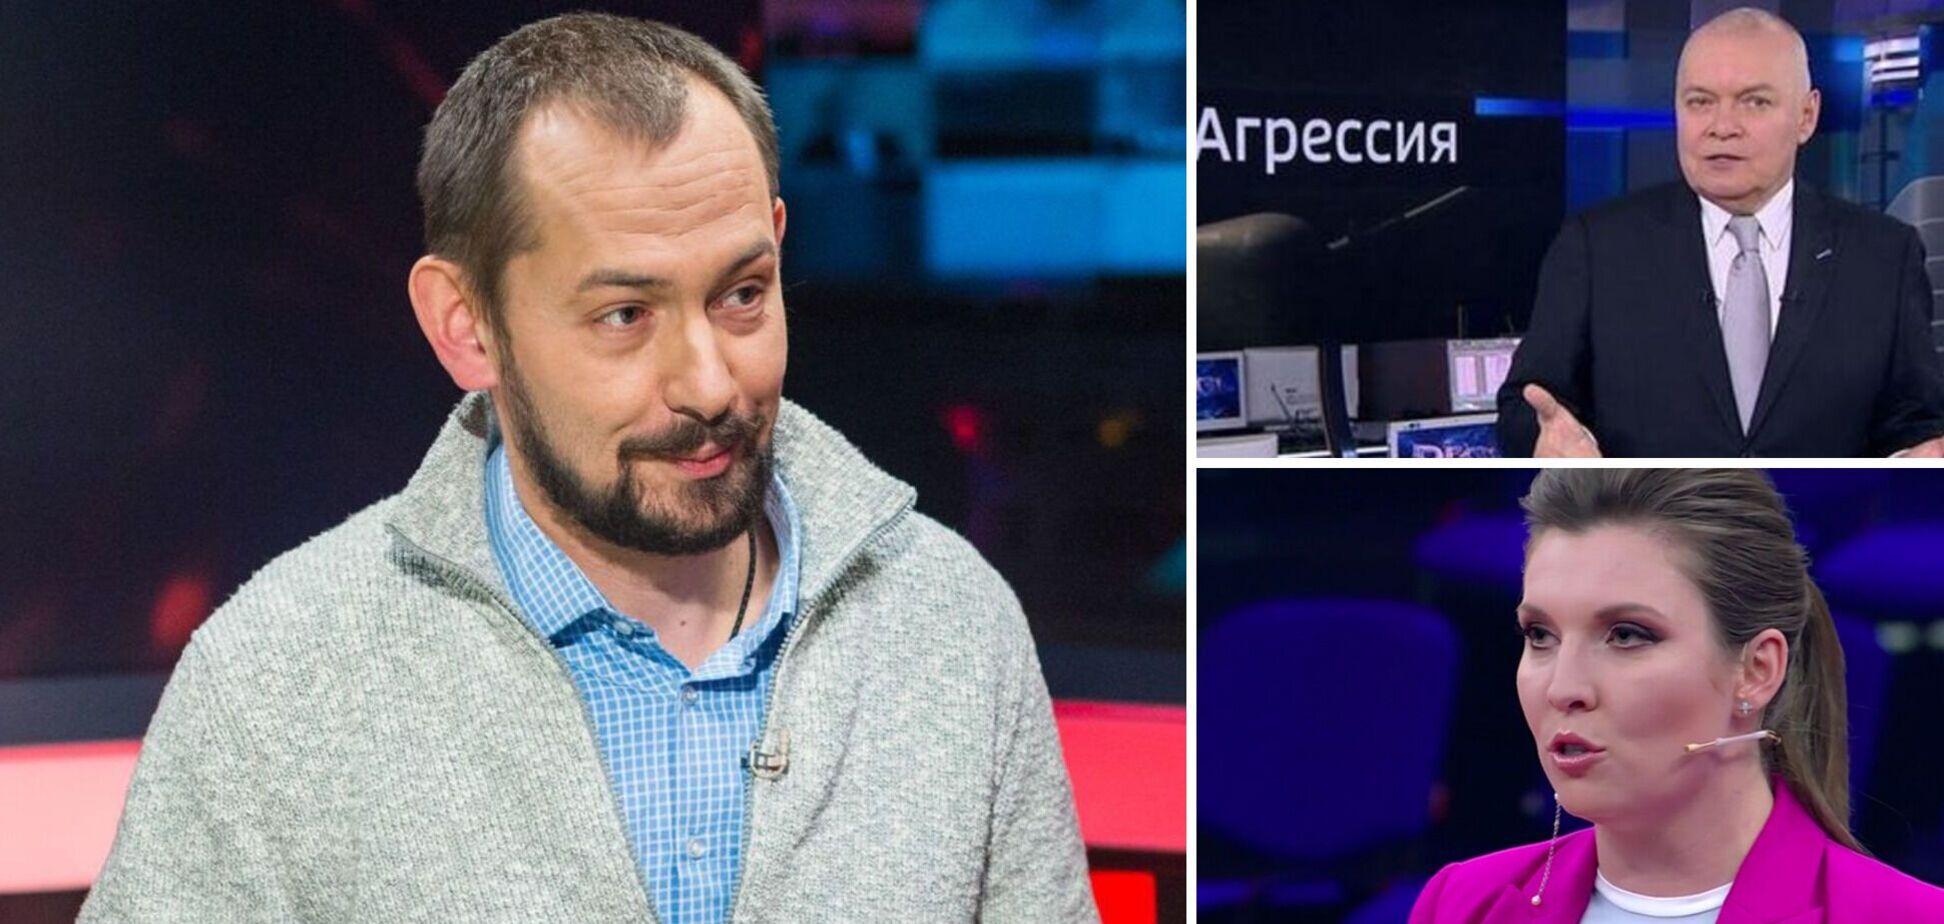 Российские СМИ всегда врут про Украину – журналист